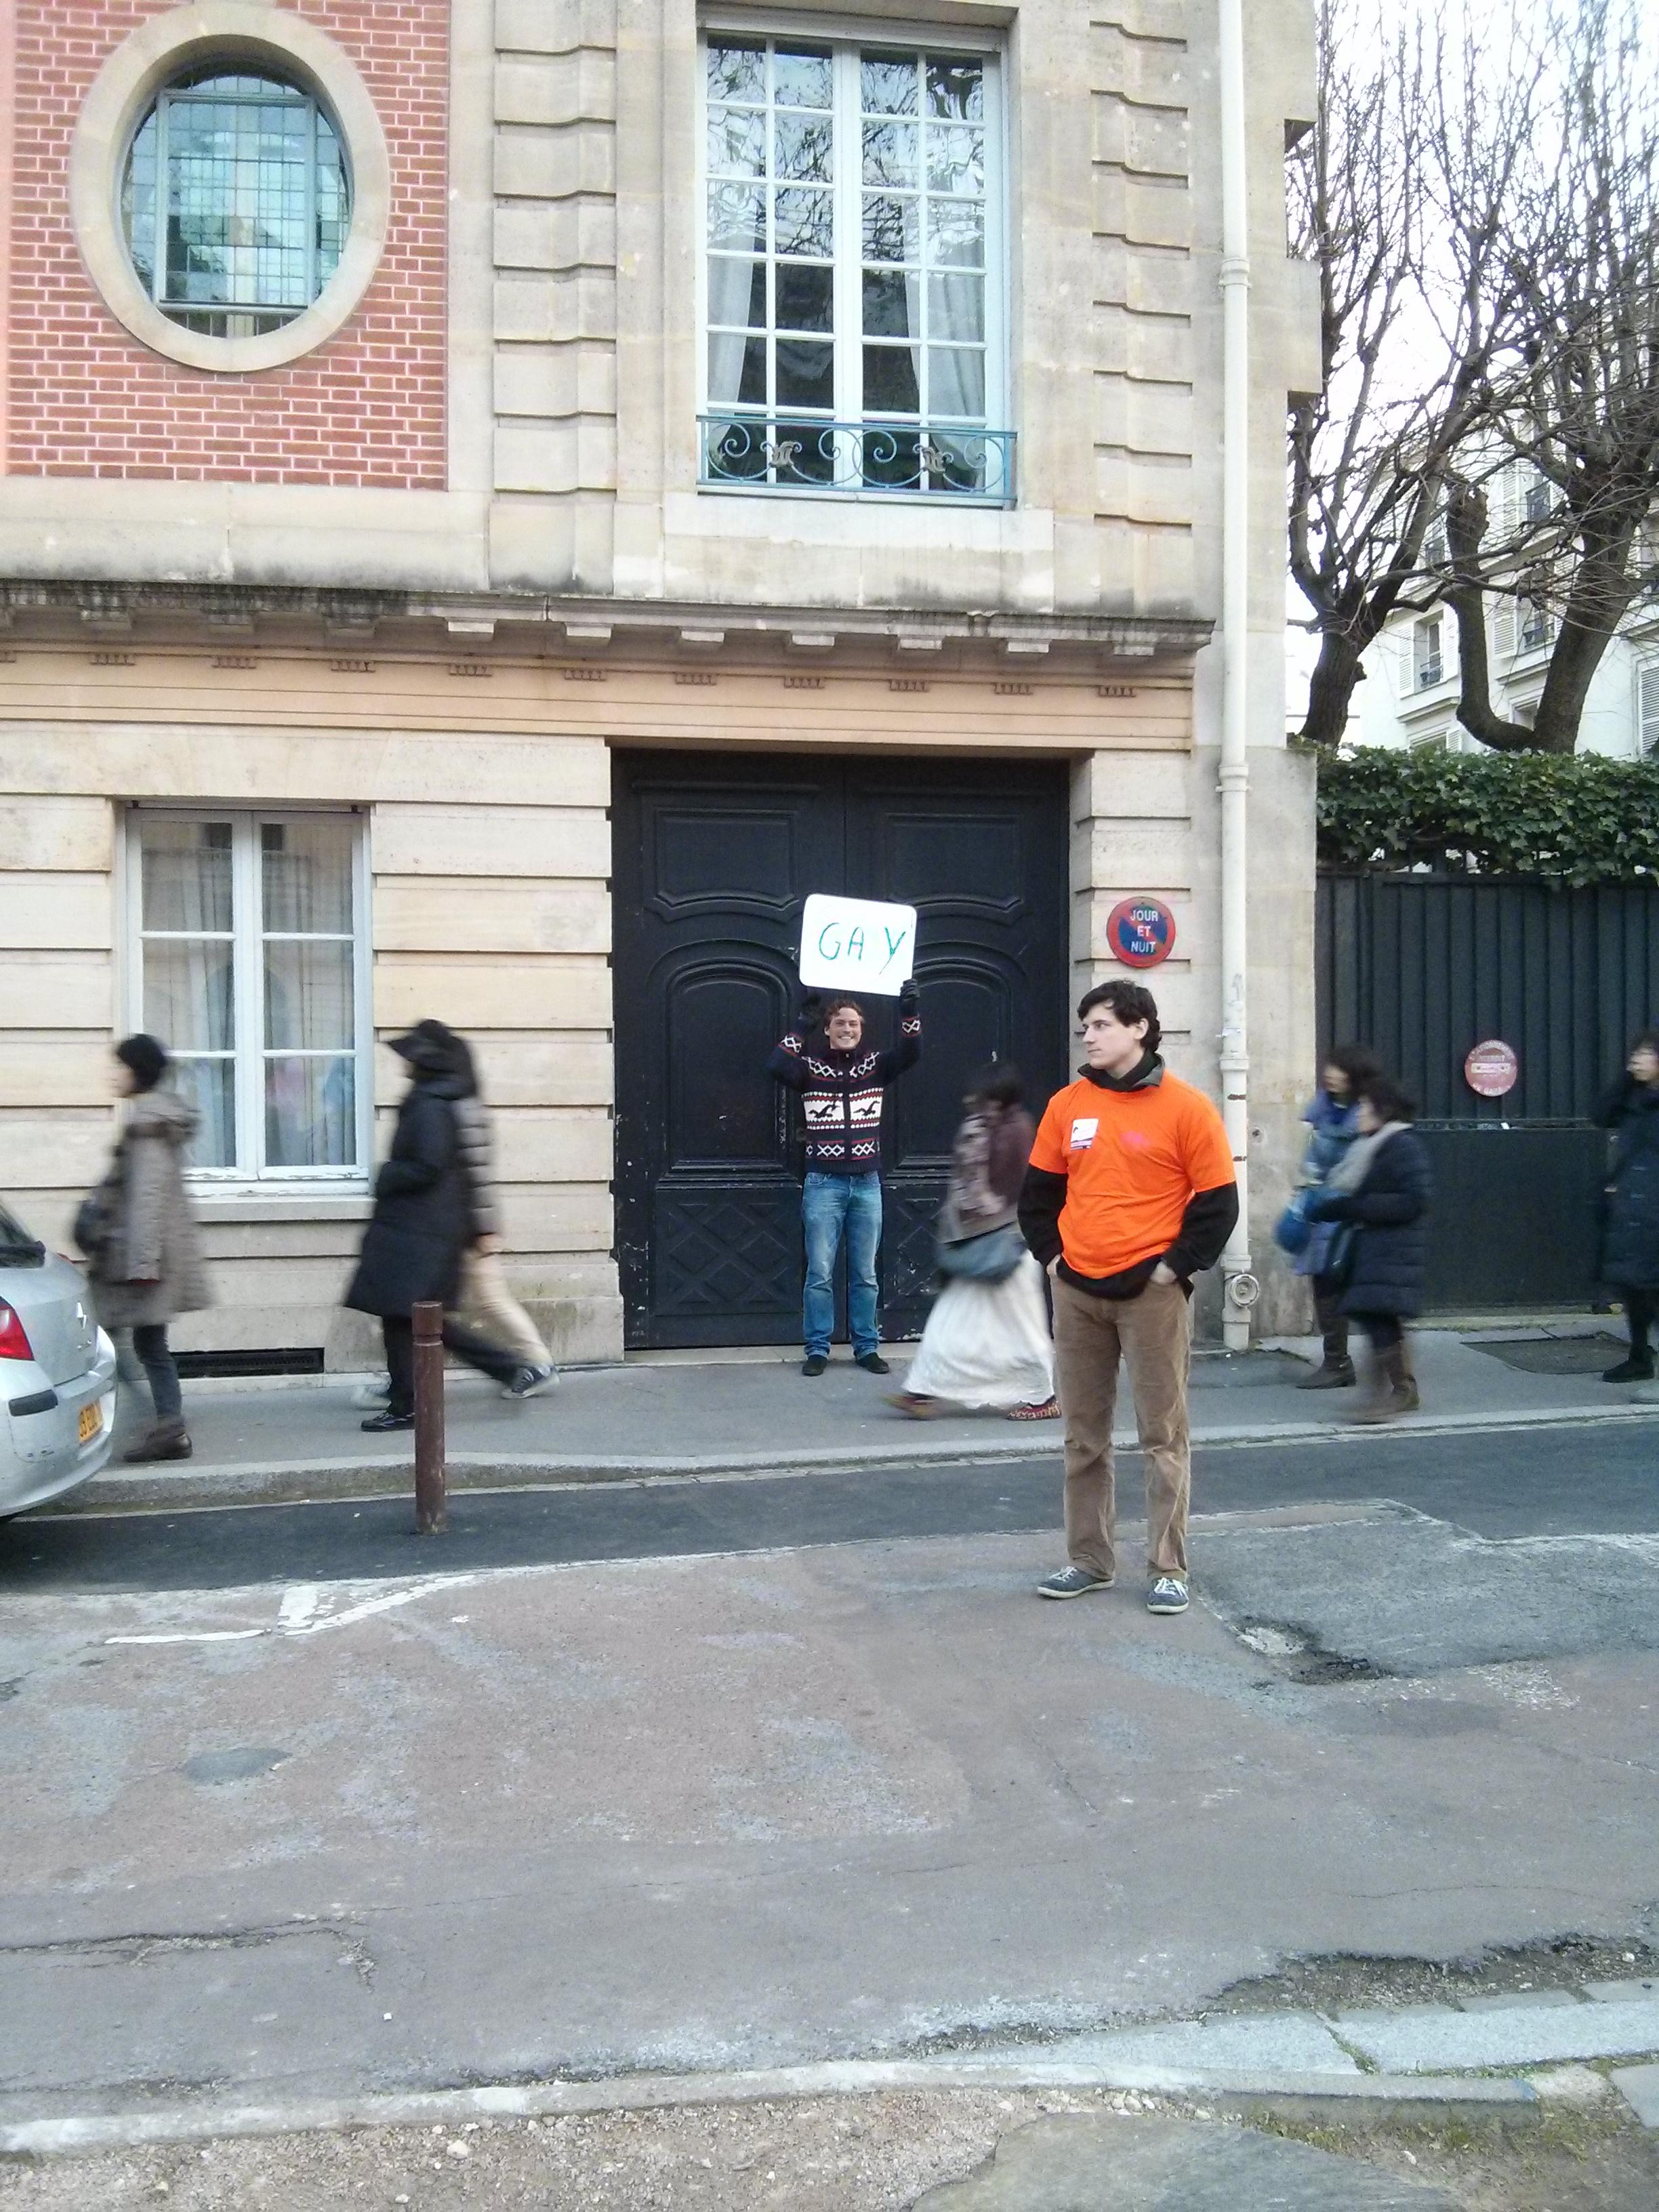 un contre-manifestant bien seul